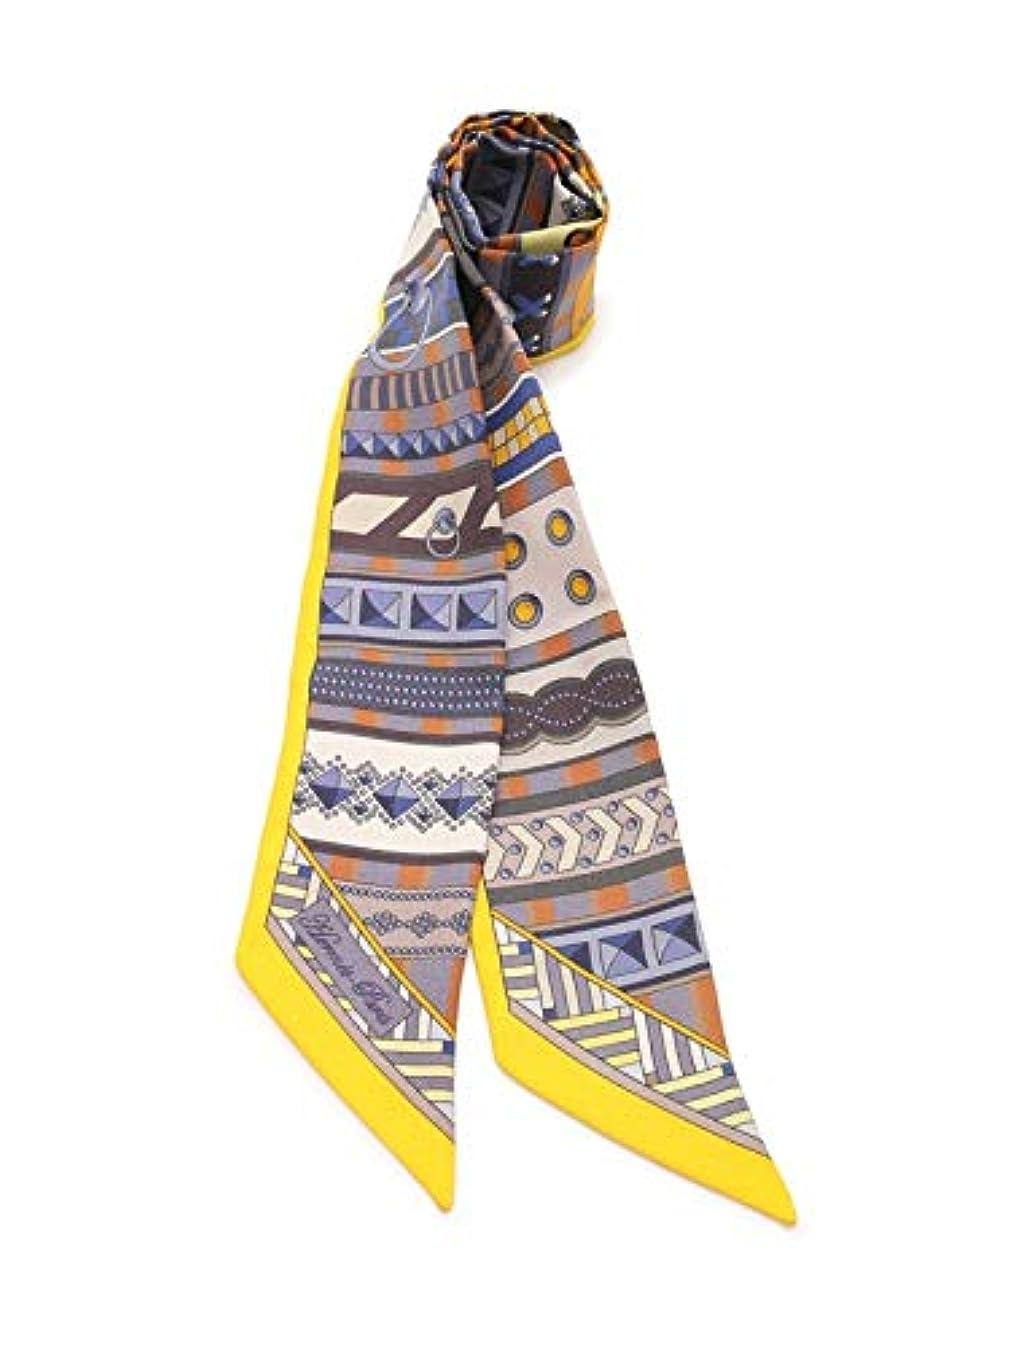 アンデス山脈クーポンレンジ(エルメス) HERMES ツイリー リボンスカーフ シルク 黄 マルチカラー 中古